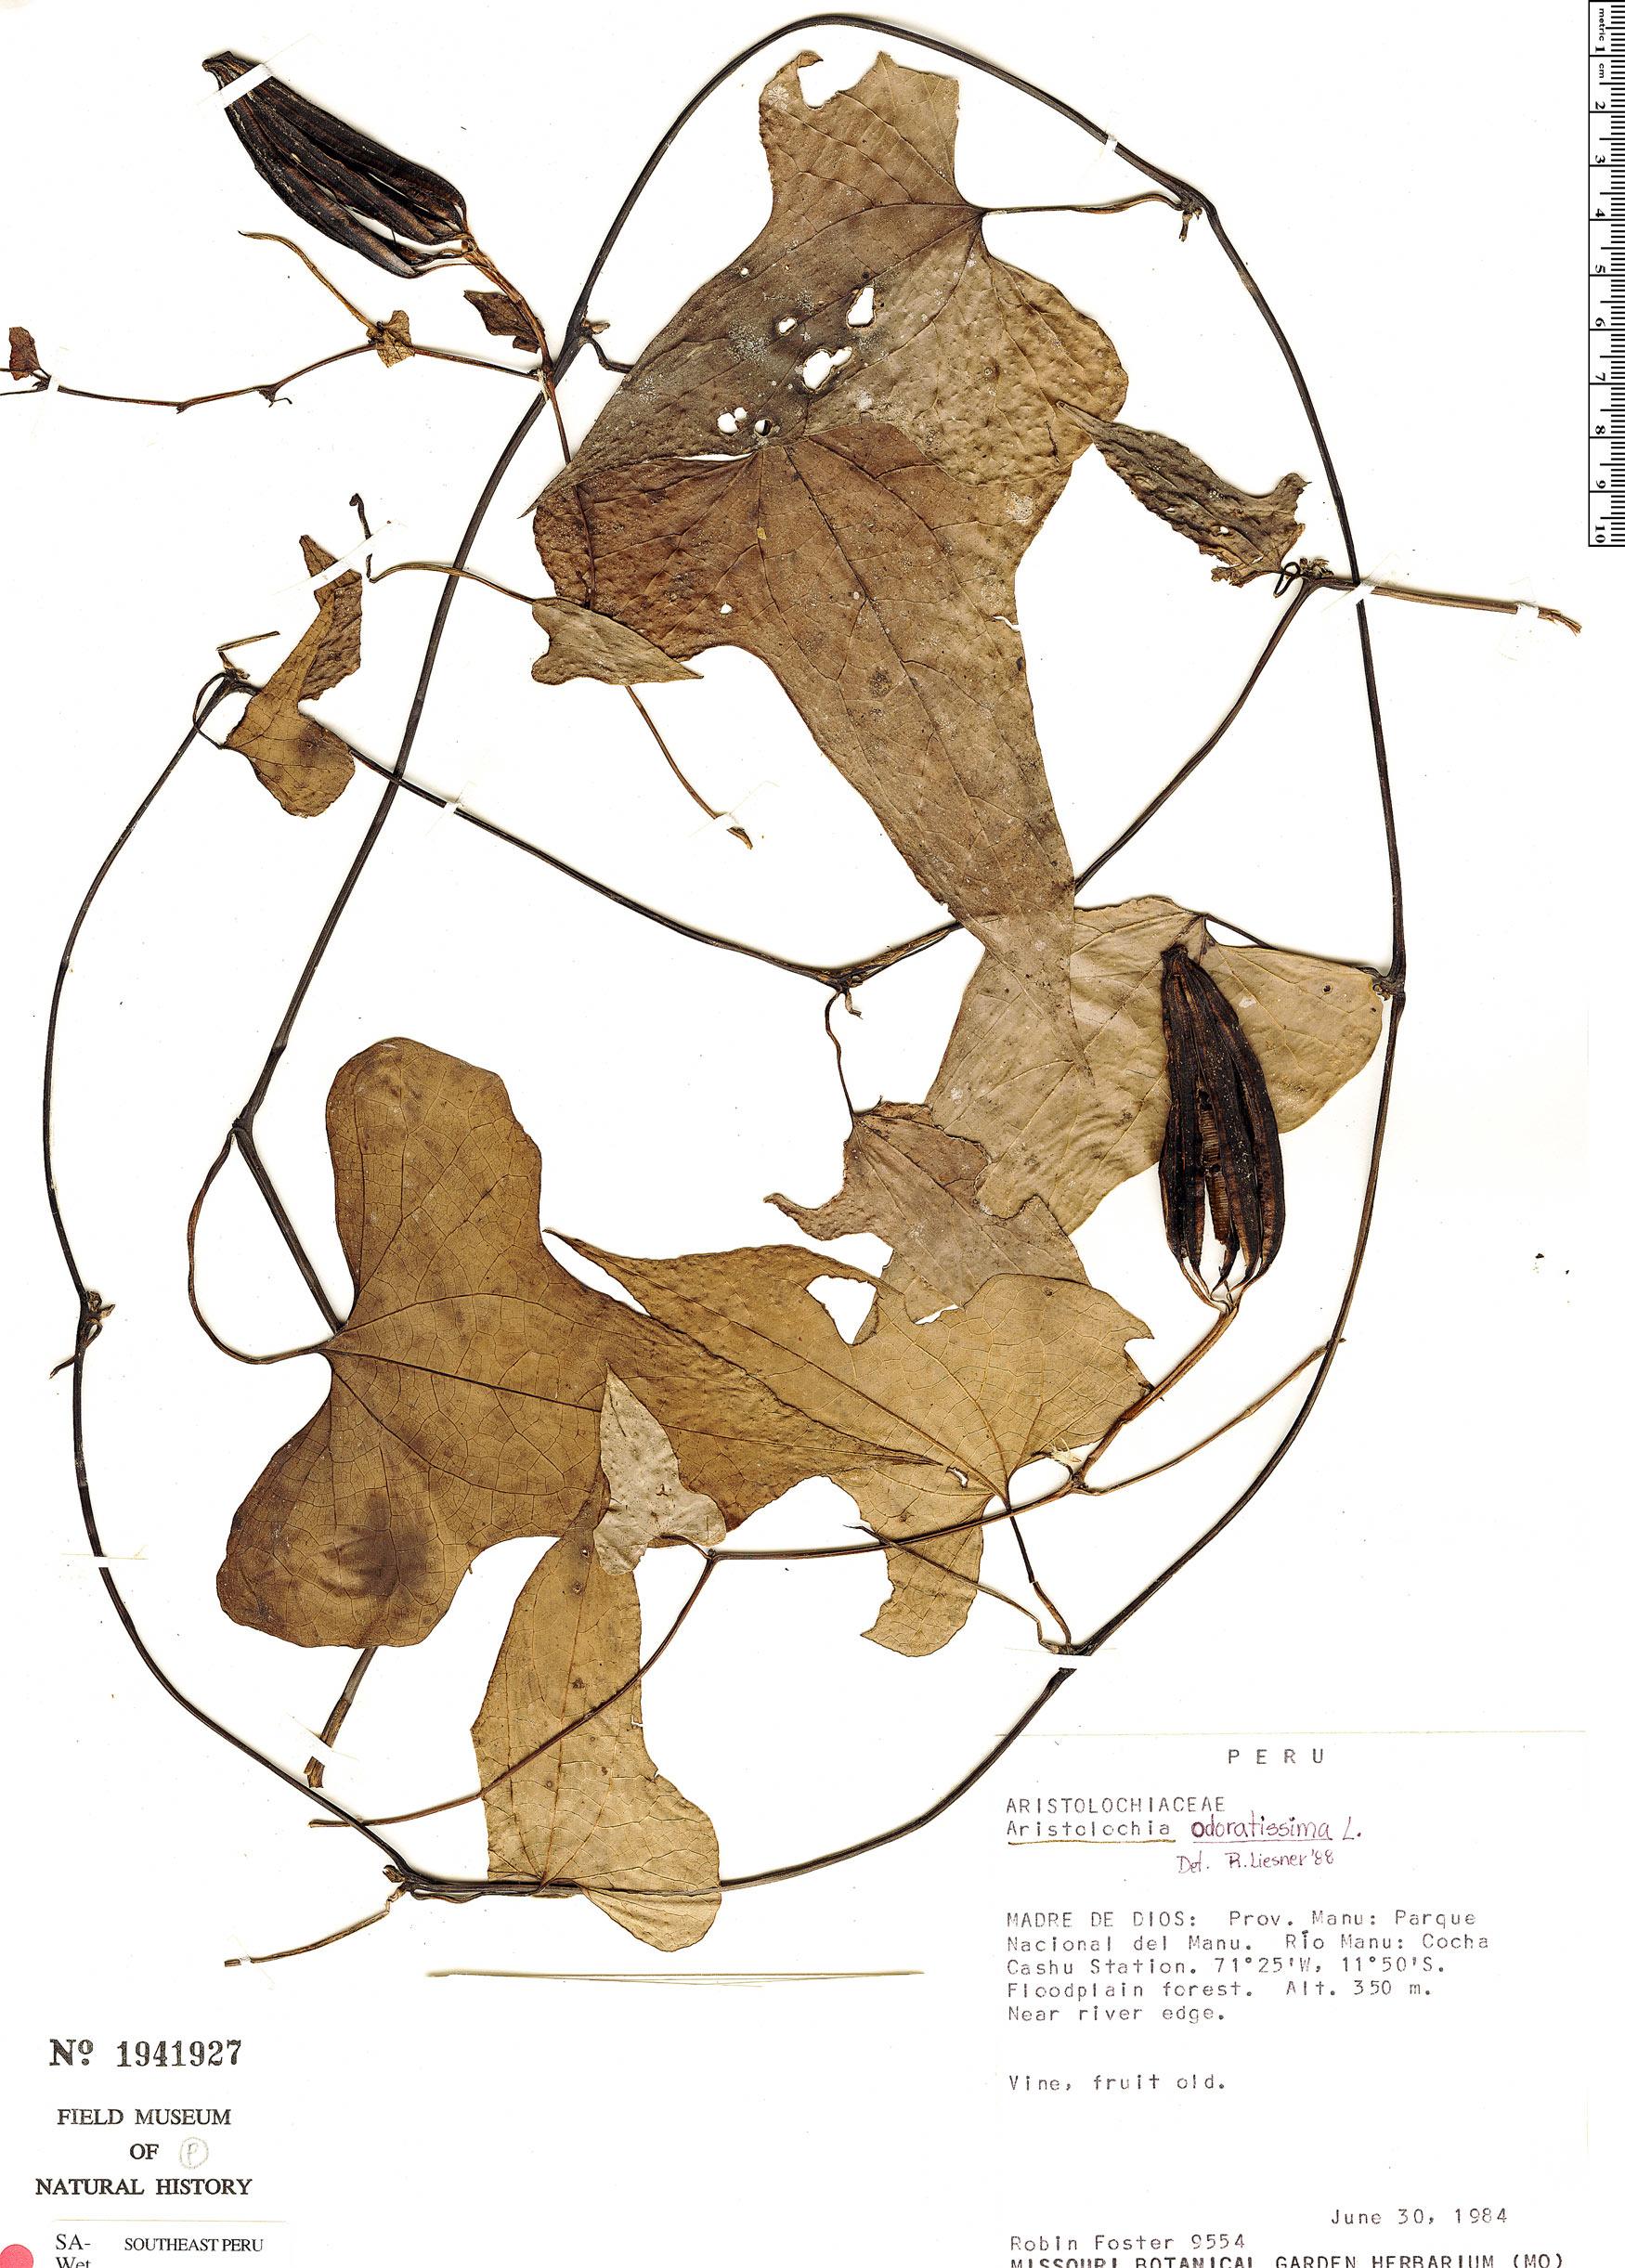 Specimen: Aristolochia odoratissima